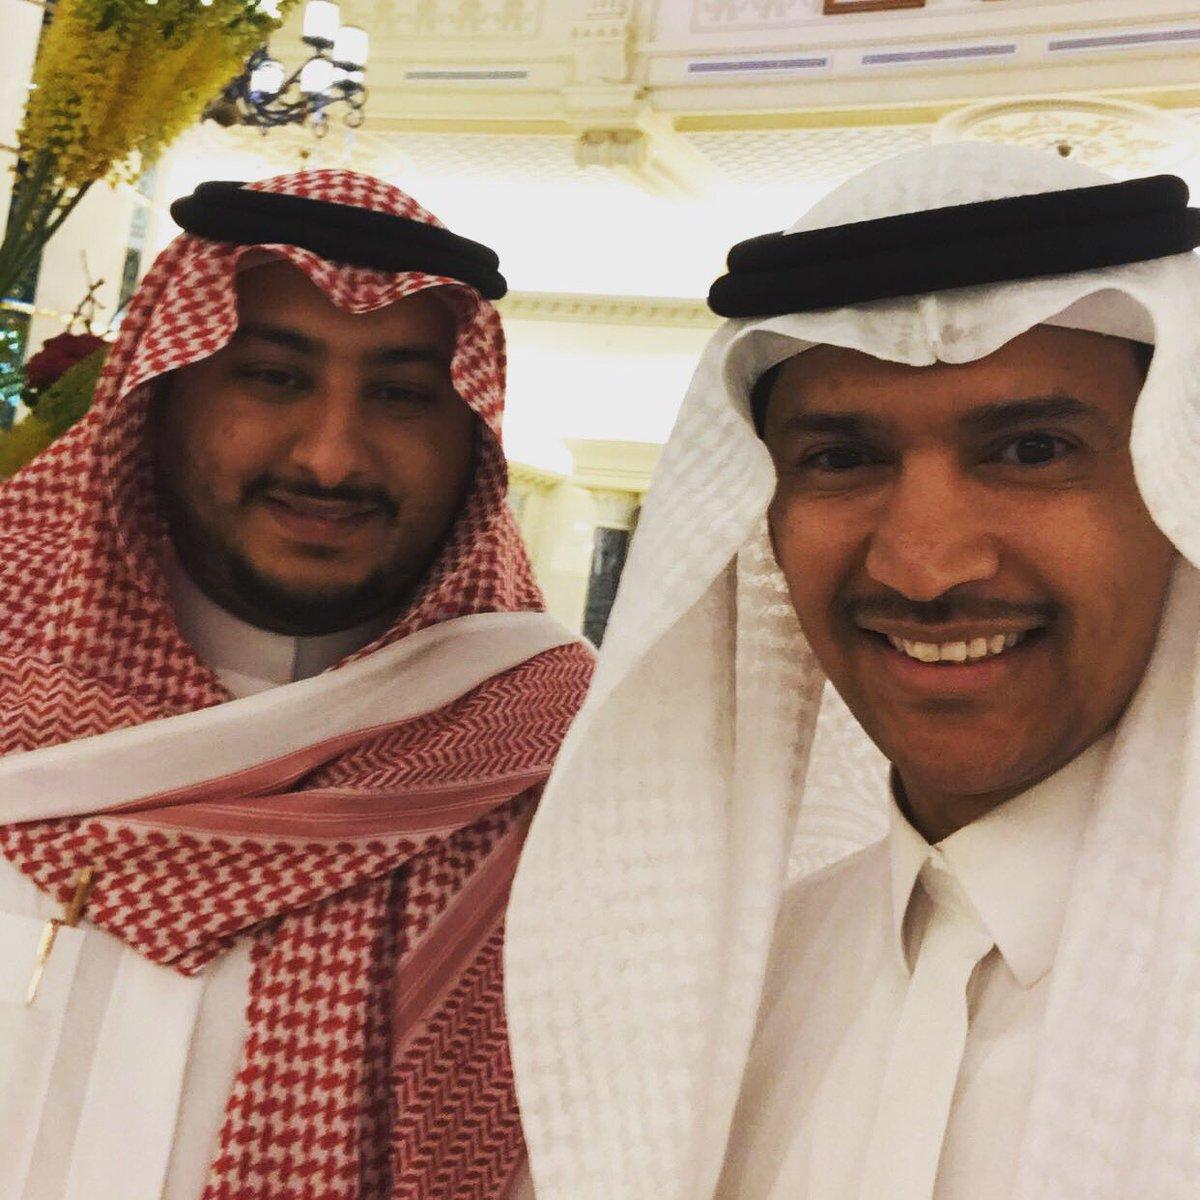 من هو الأمير فهد بن تركي بن عبدالعزيز إرم نيوز